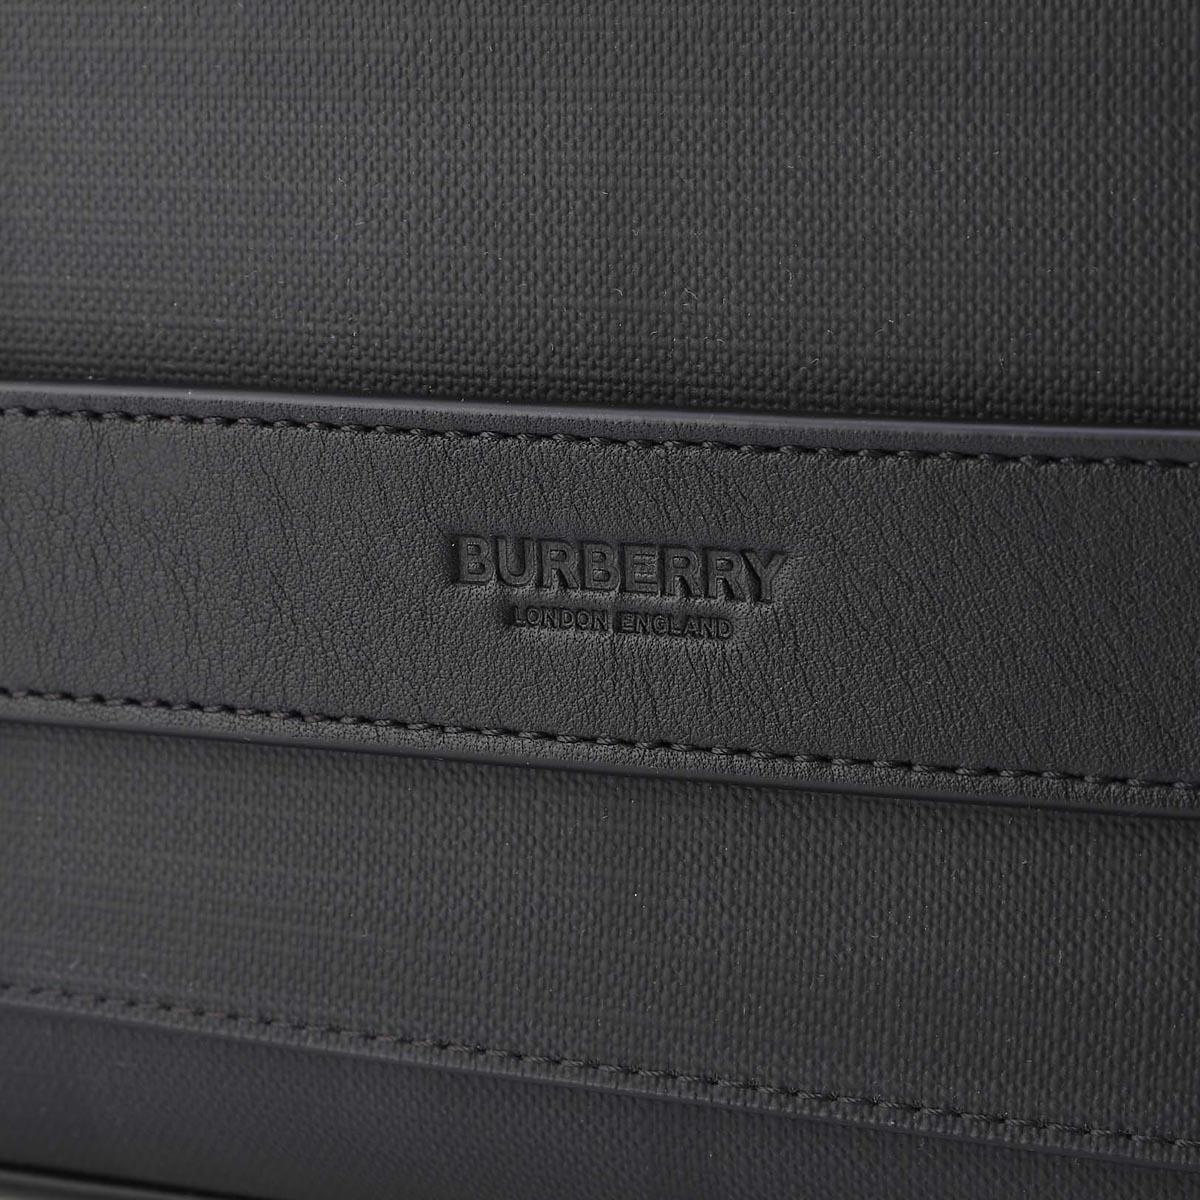 【タイムセール】BURBERRY バーバリー ショルダーバッグ/クロスボディバッグ メンズ